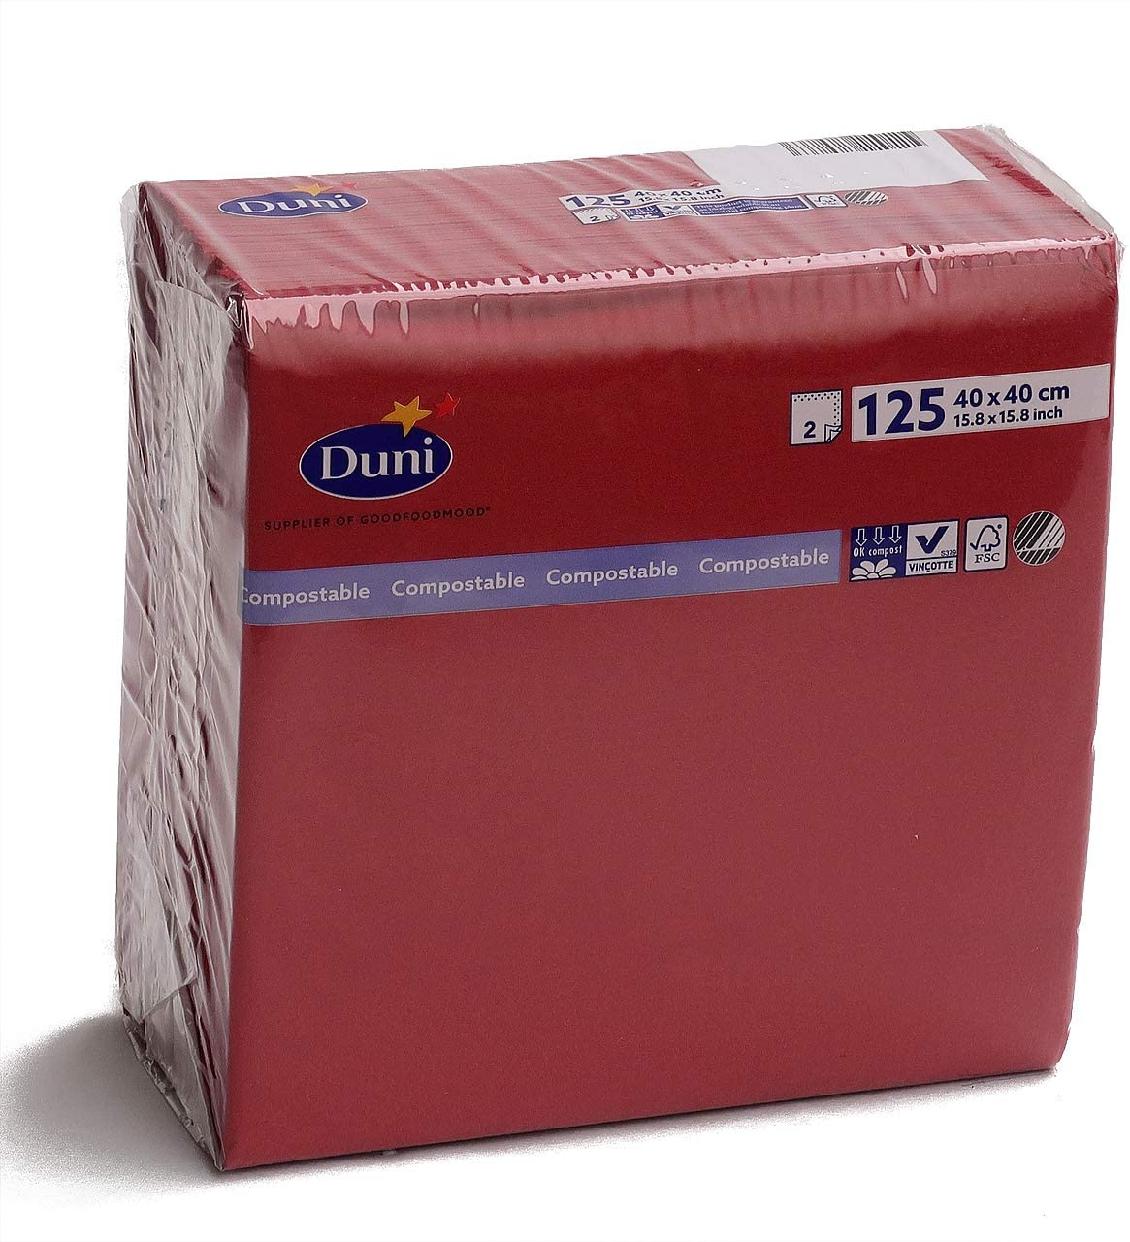 DUNI(ダウニー) カラーナプキンの商品画像